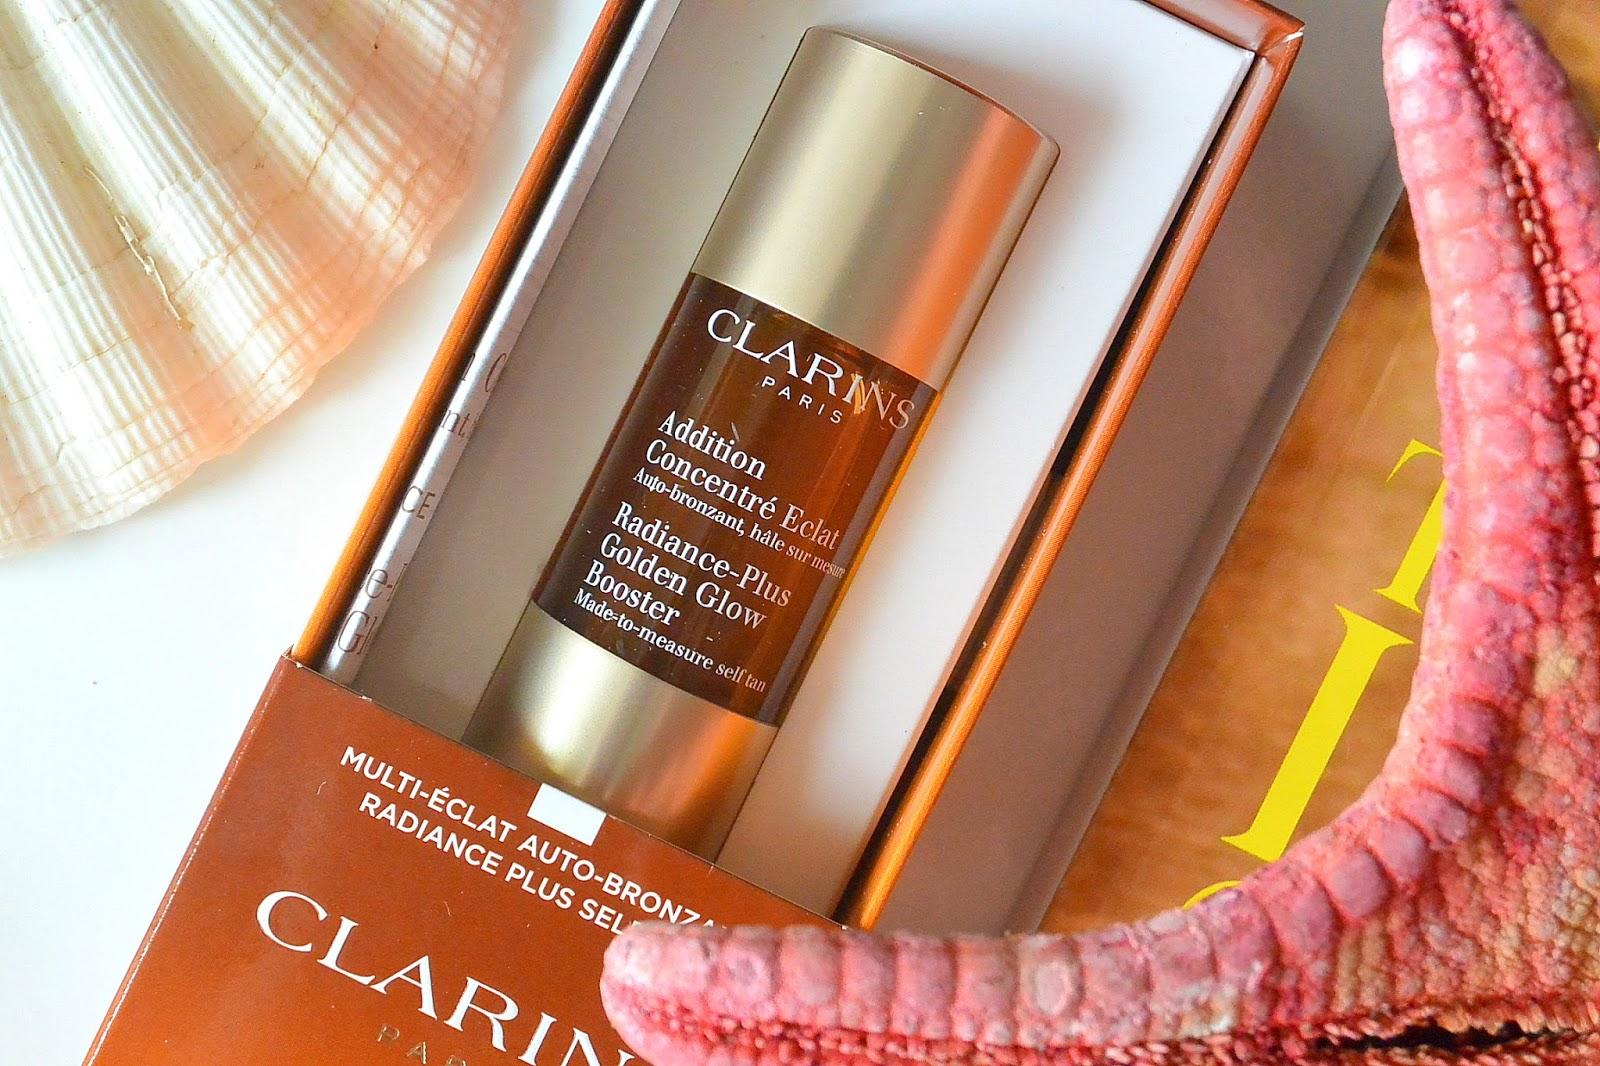 Koncentrat samoopalający w kropelkach do twarzy | Radiance-Plus Golden Glow Booster CLARINS